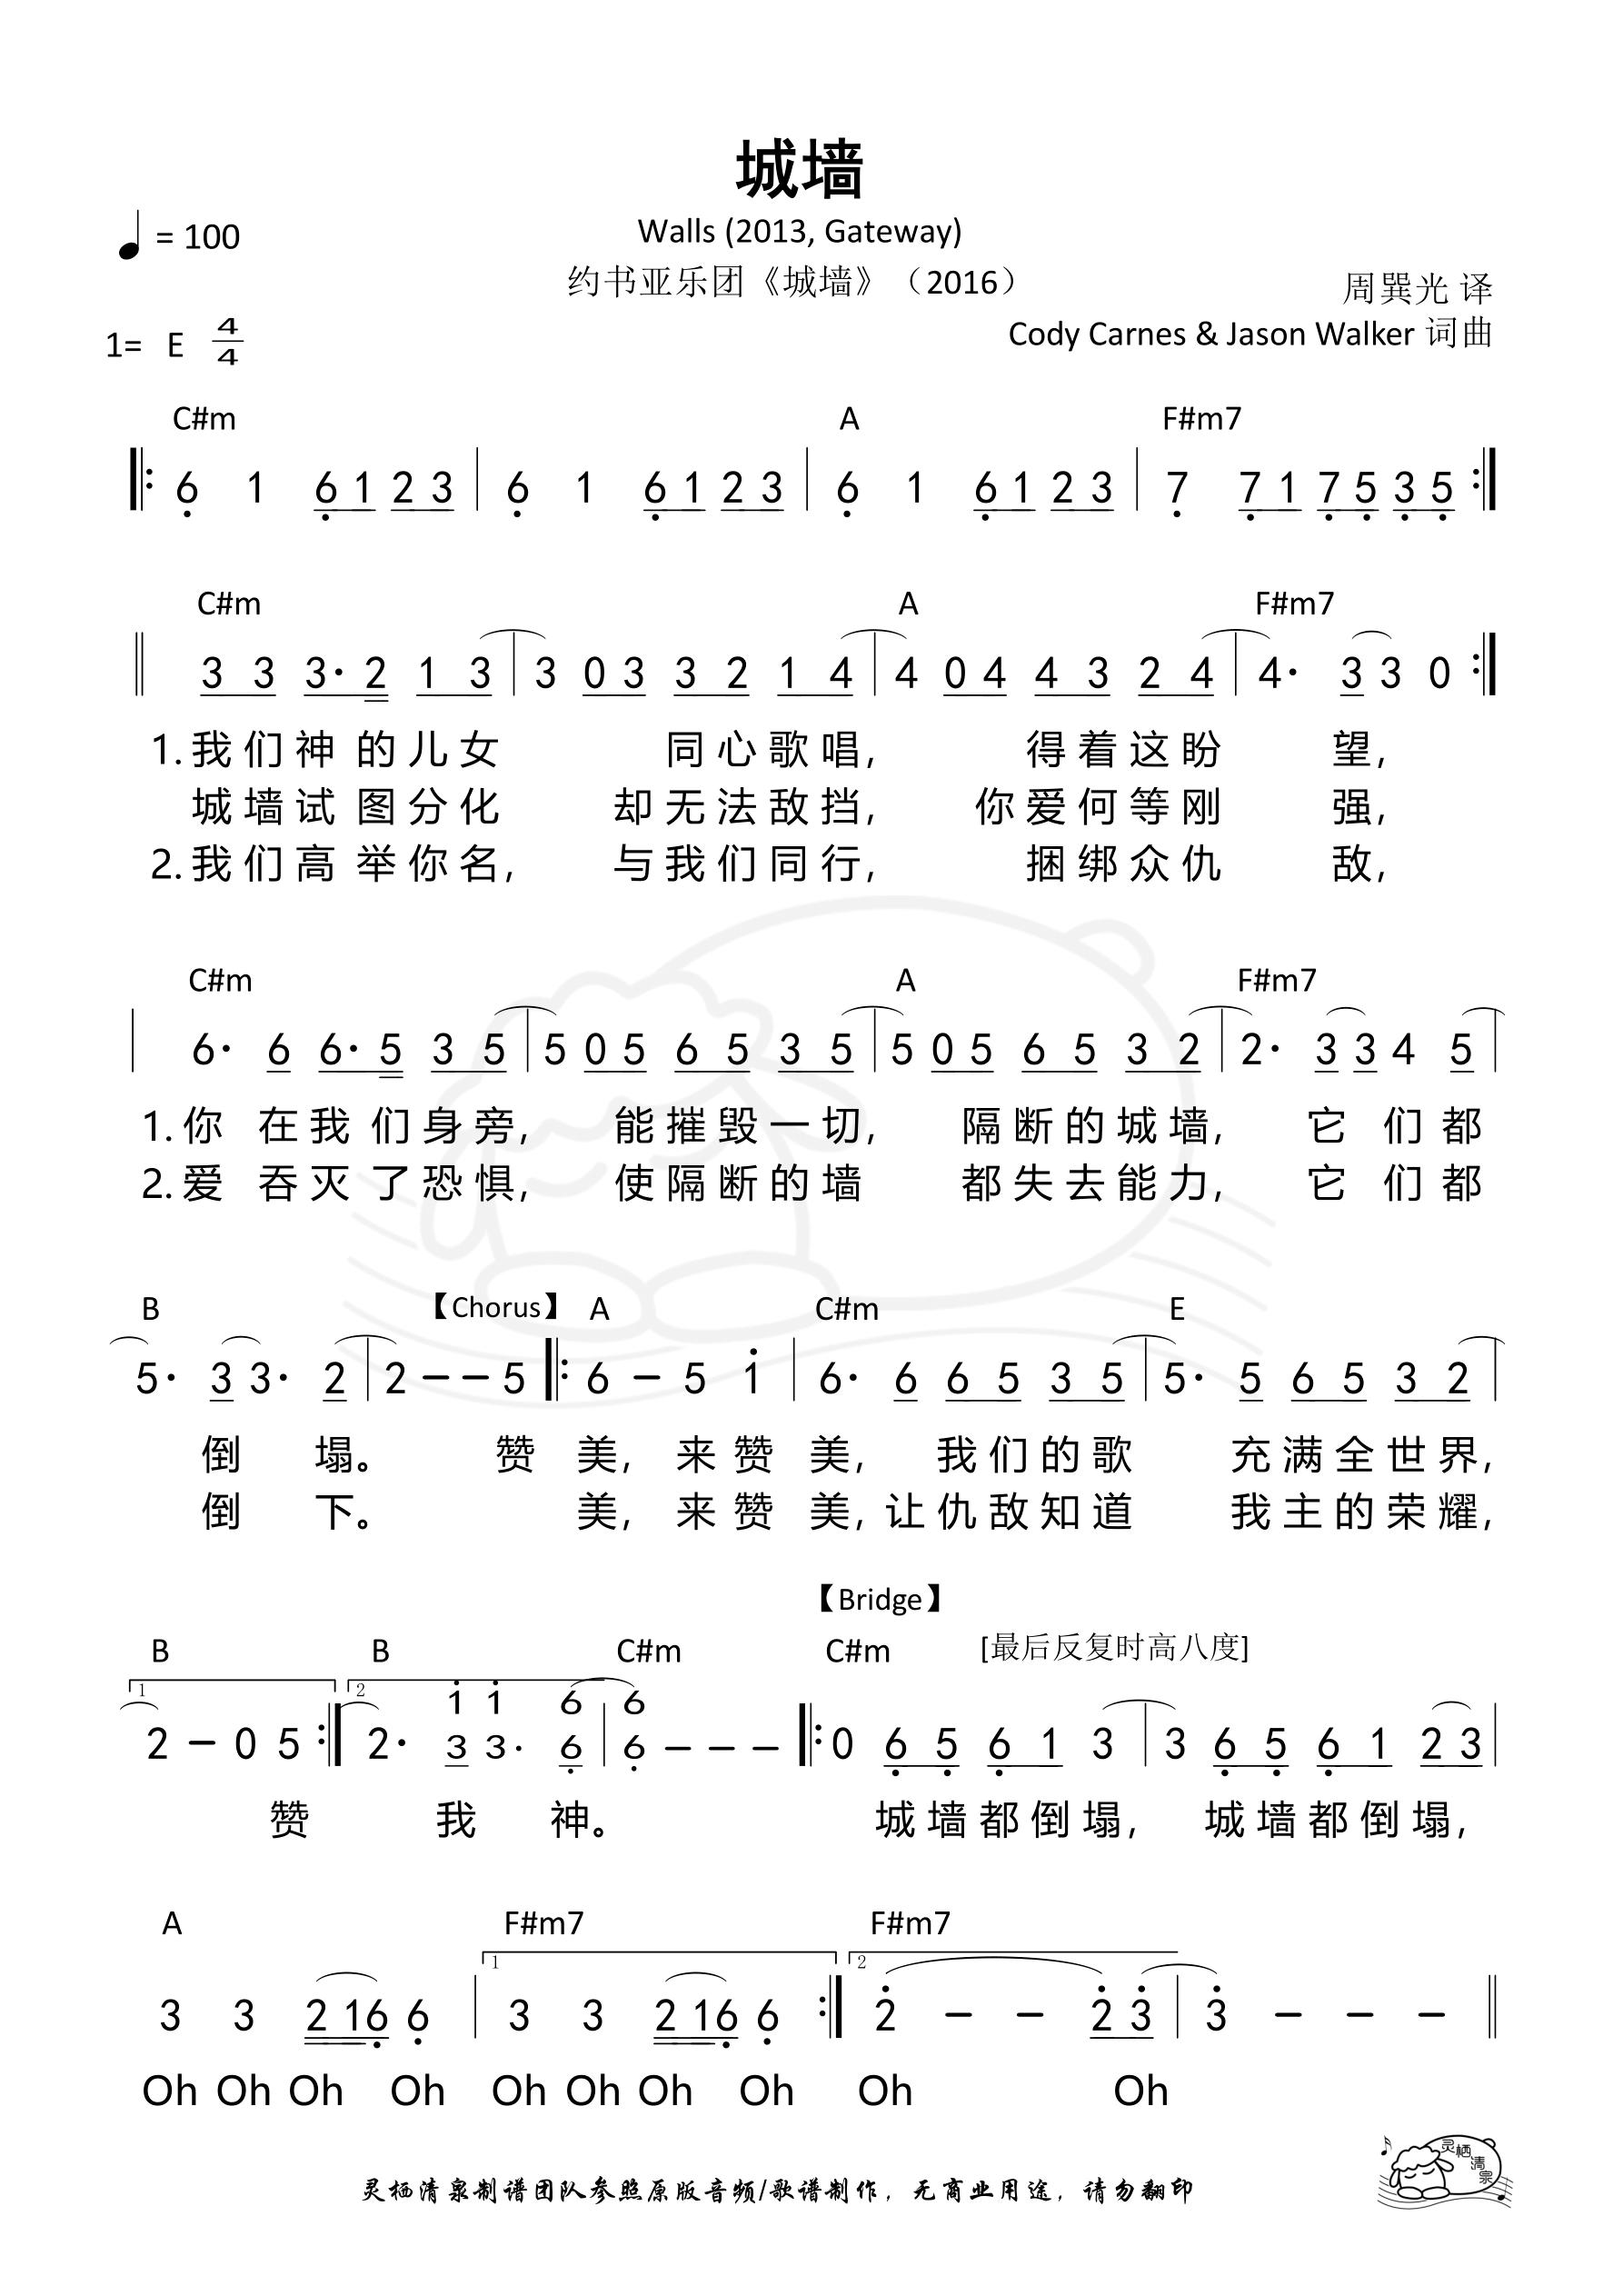 《第142首 - 城墙 和弦简谱》